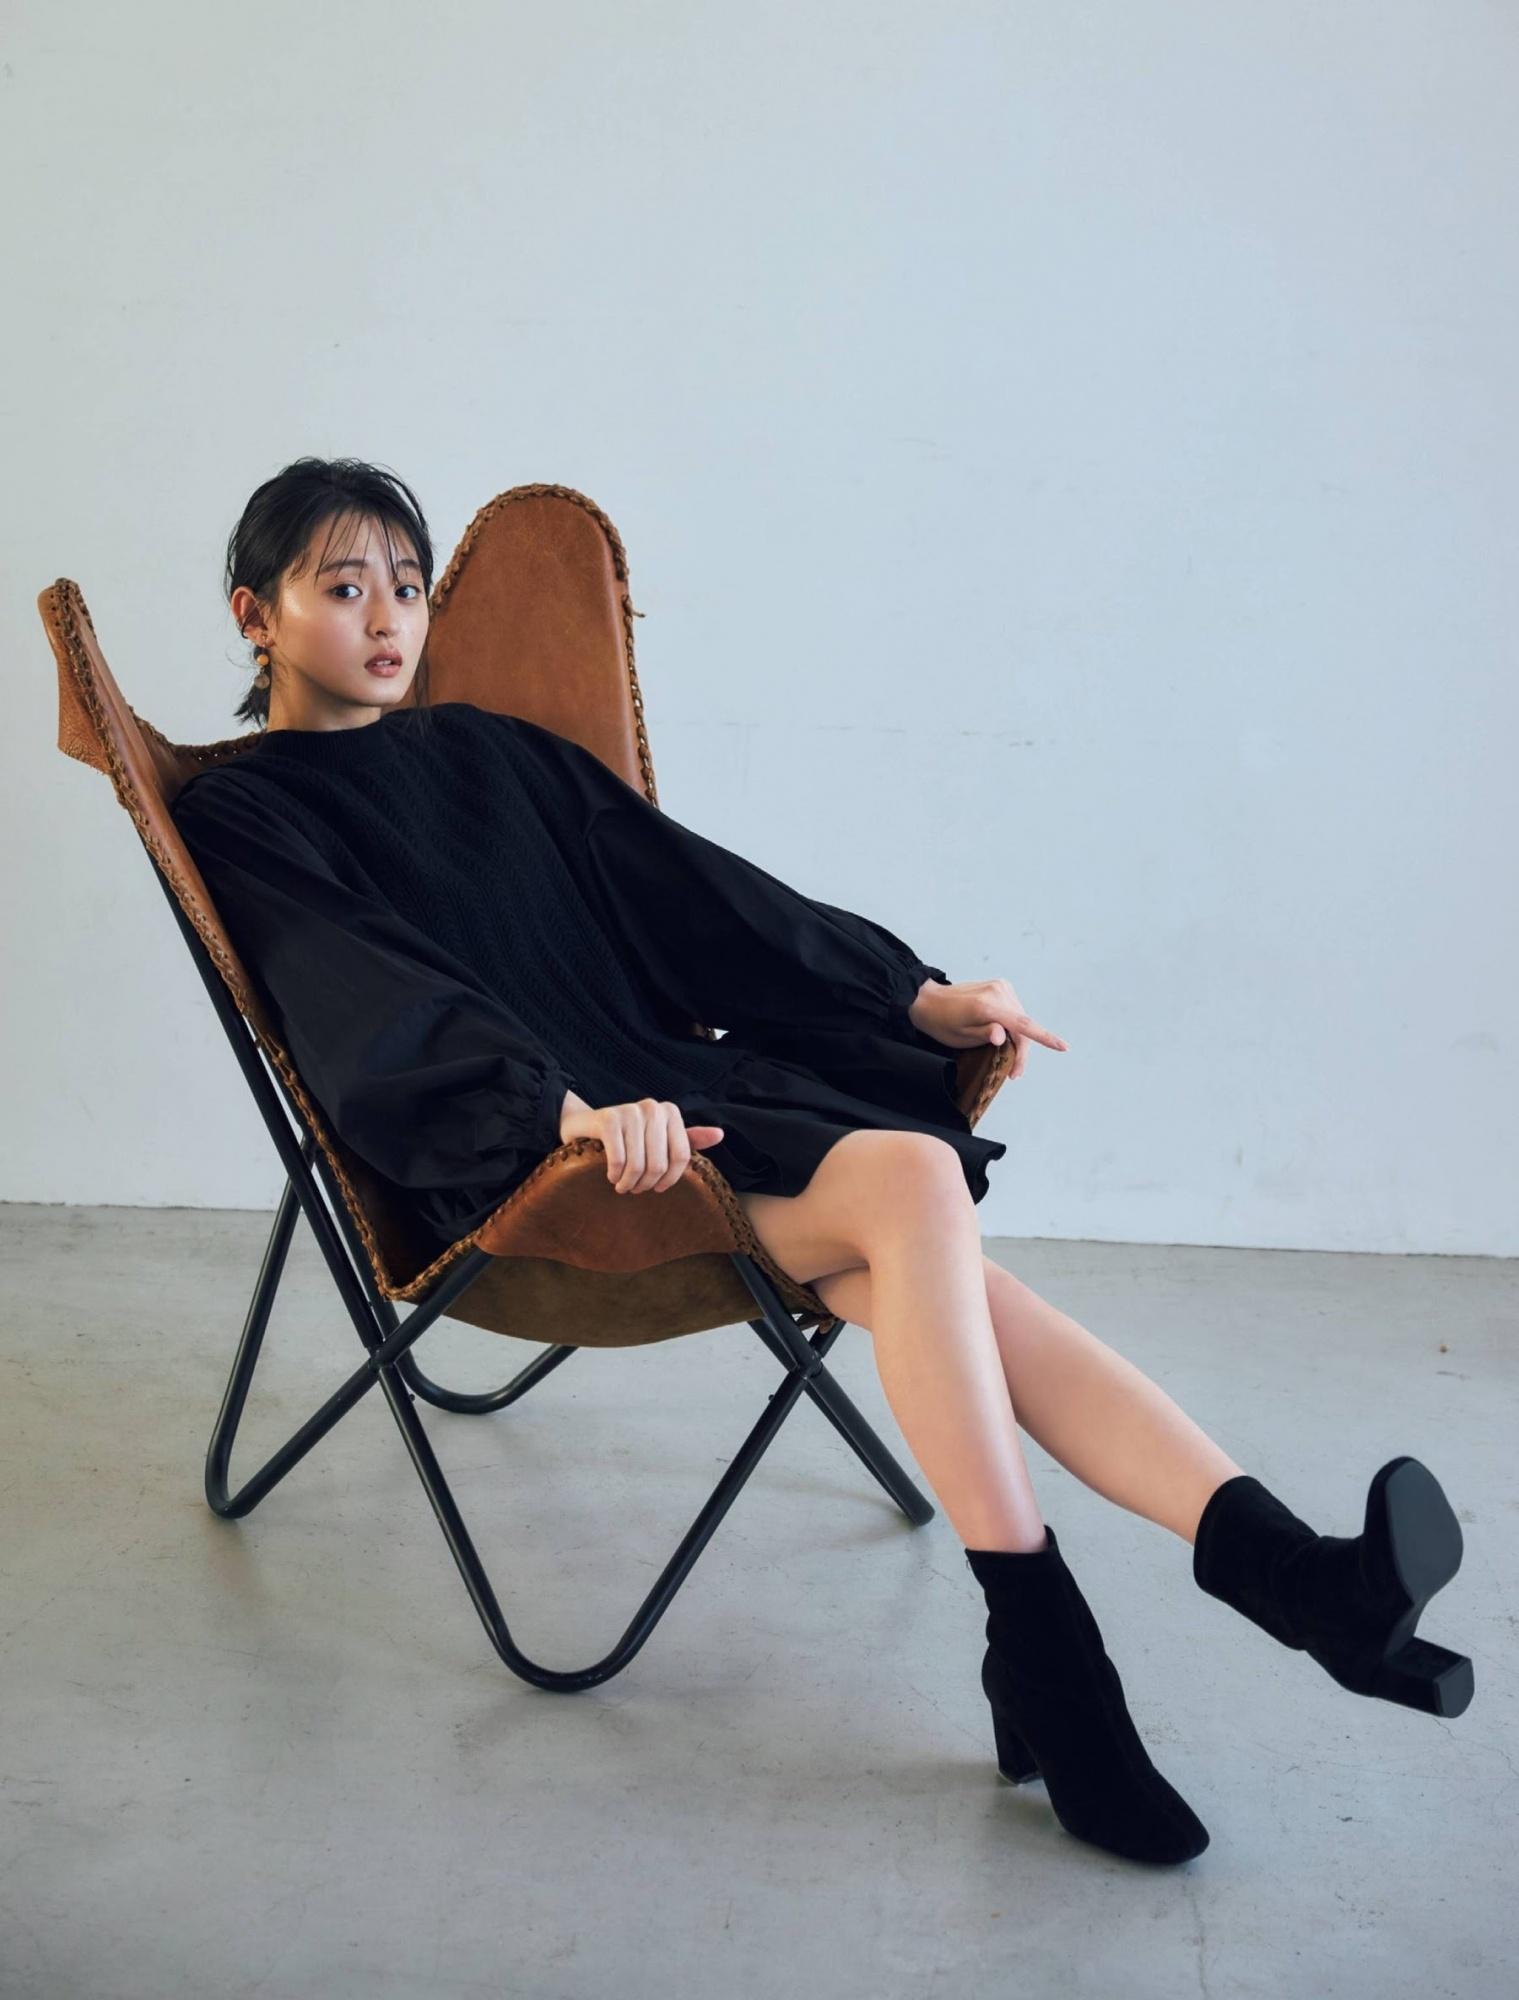 乃木坂46偶像远藤さくら开朗笑颜散发纯真气息 网络美女 第7张